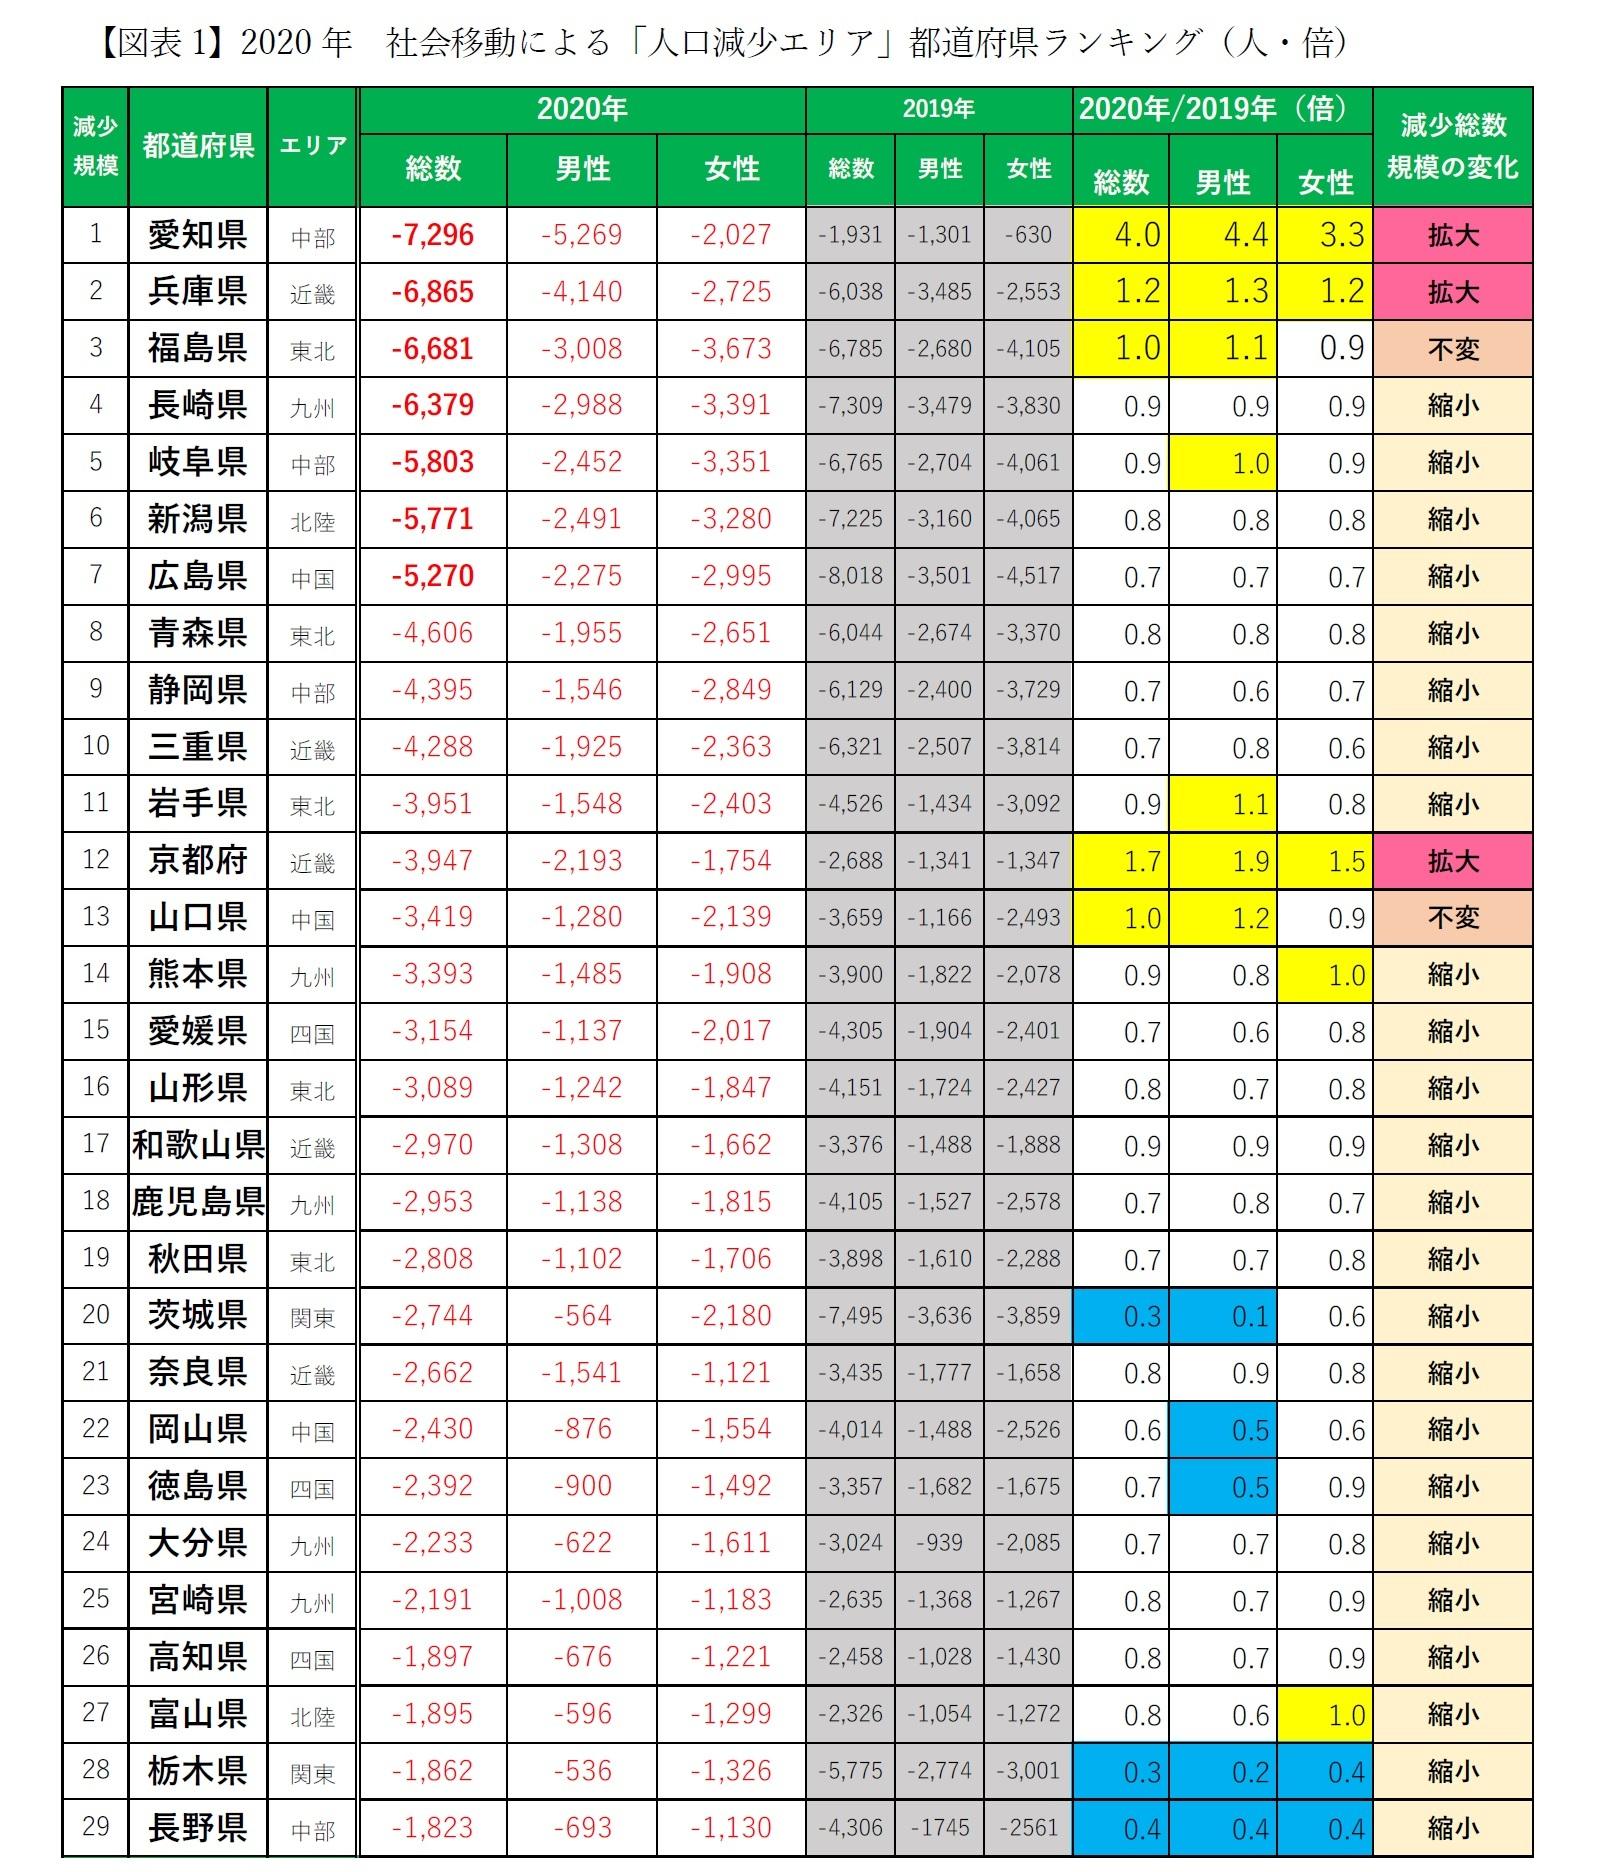 【図表1-1】2020年 社会移動による「人口減少エリア」都道府県ランキング(人・倍)